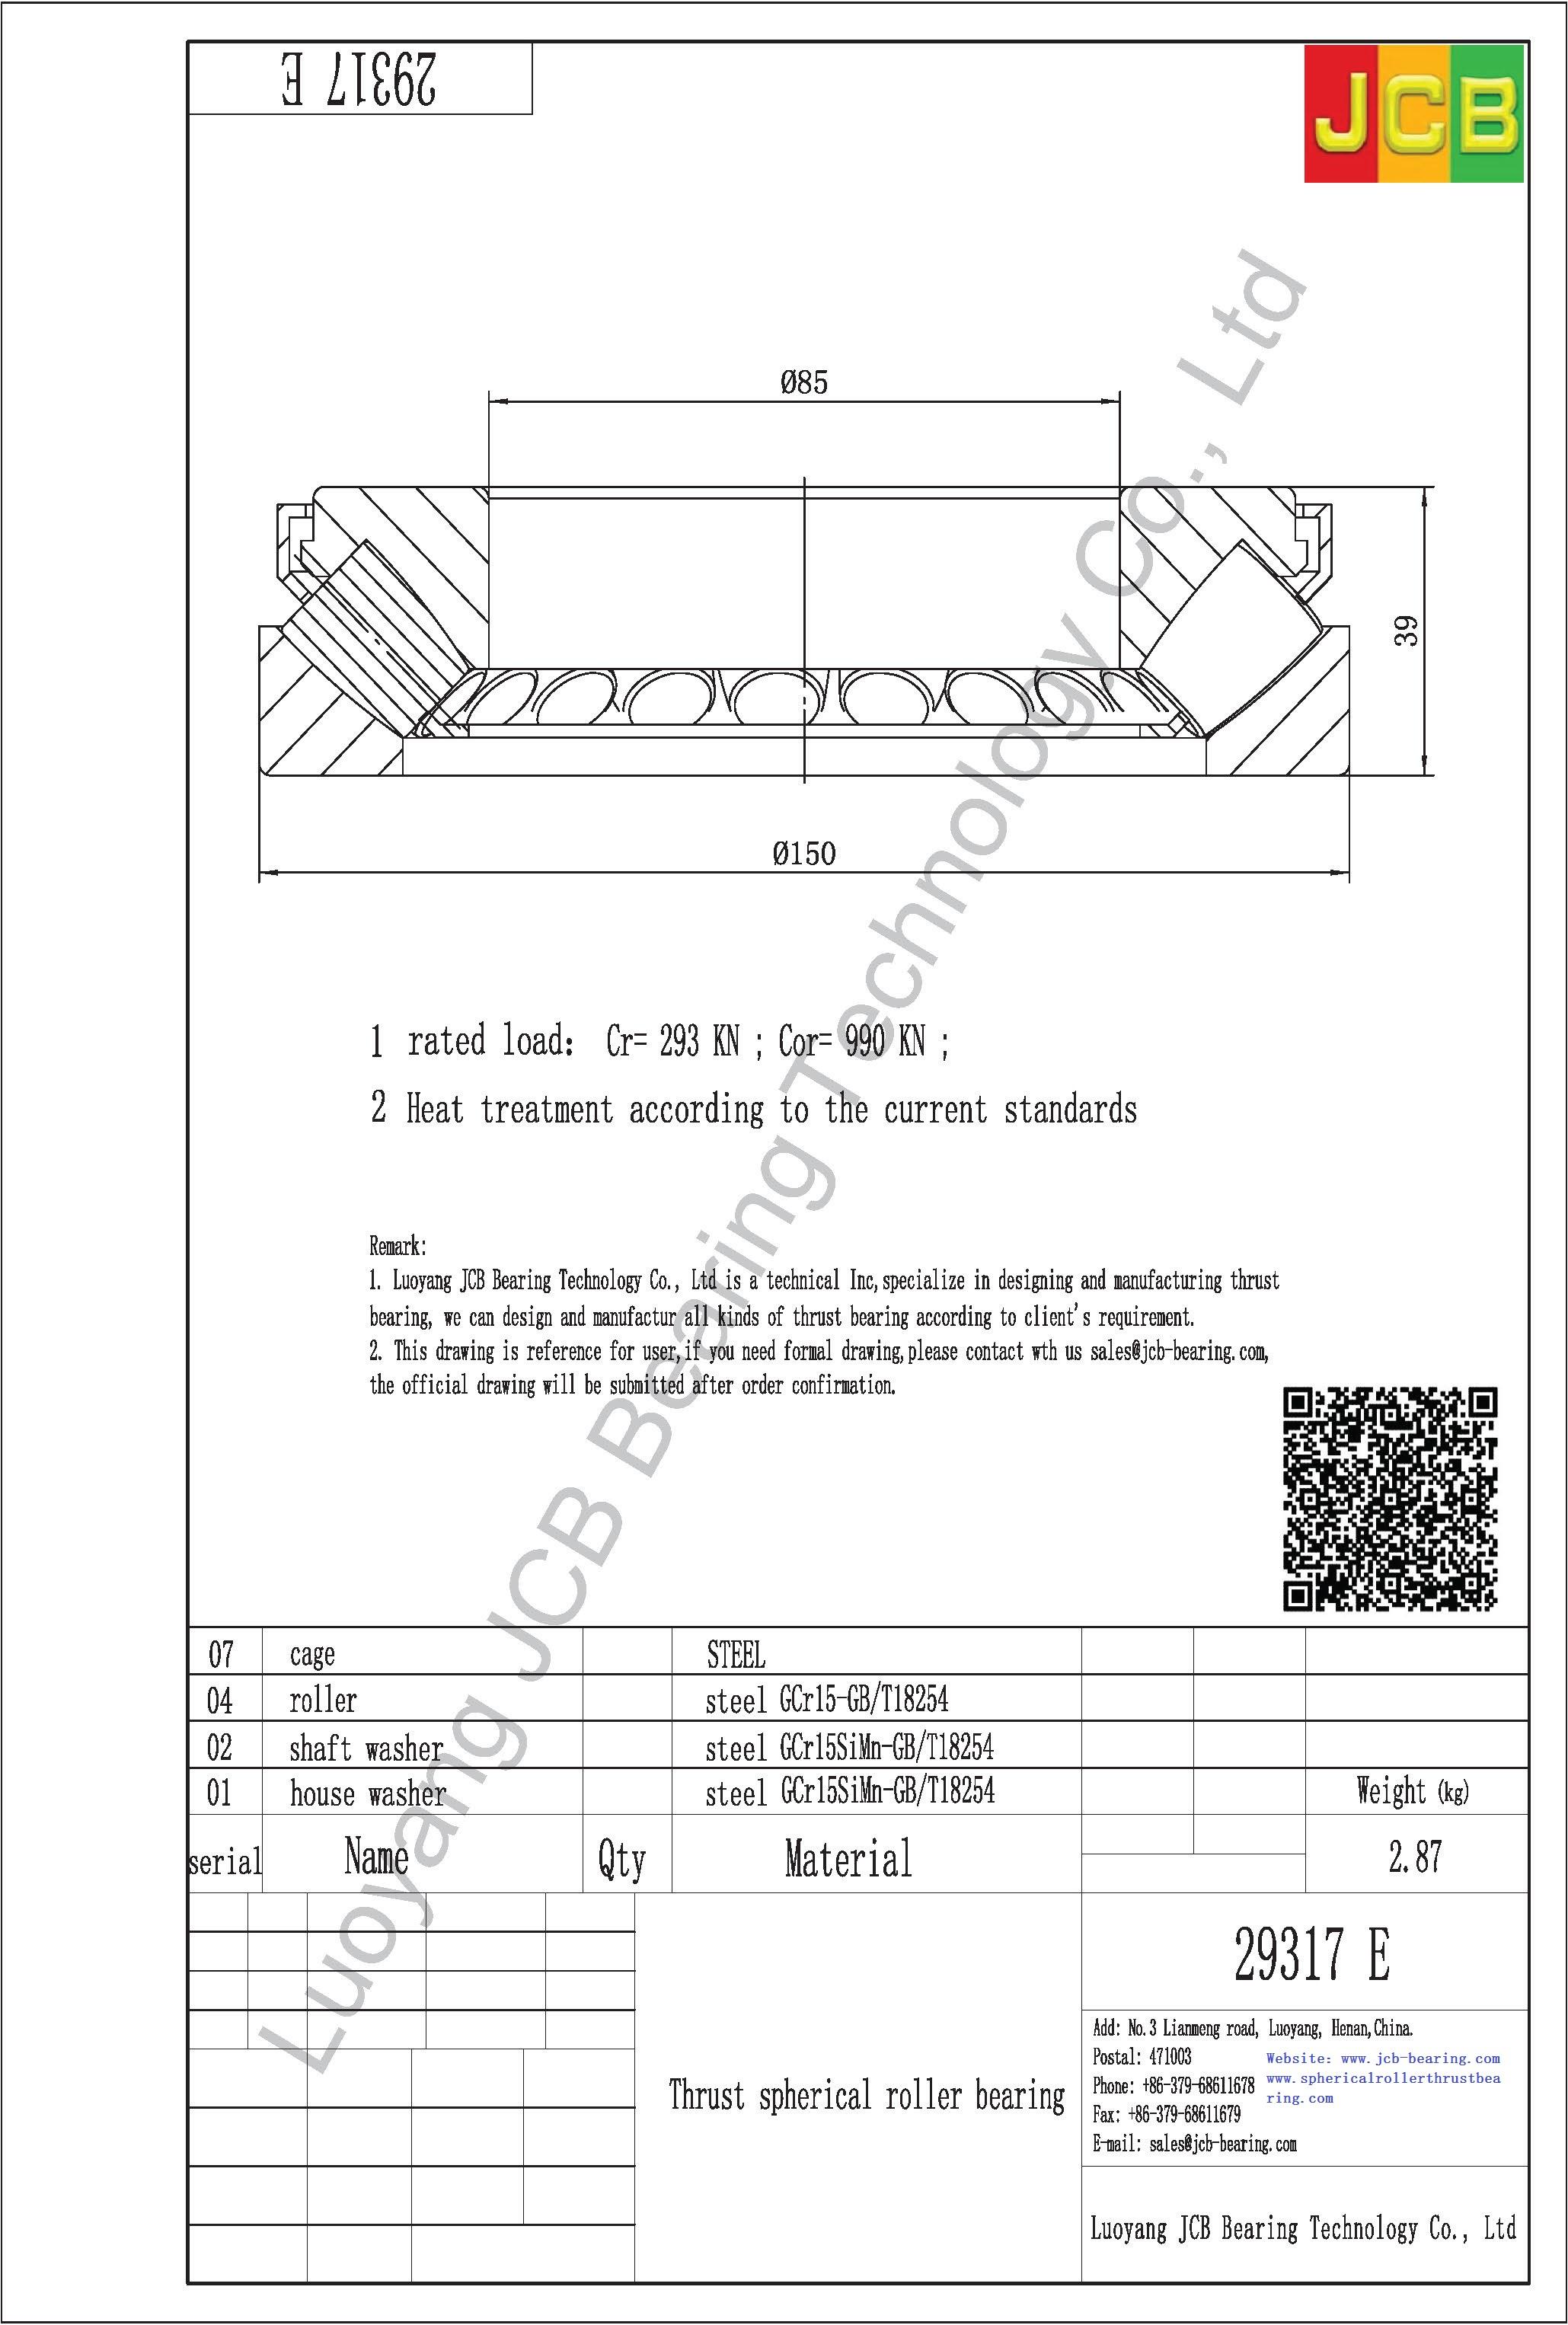 29317 E spherical roller thrust bearing